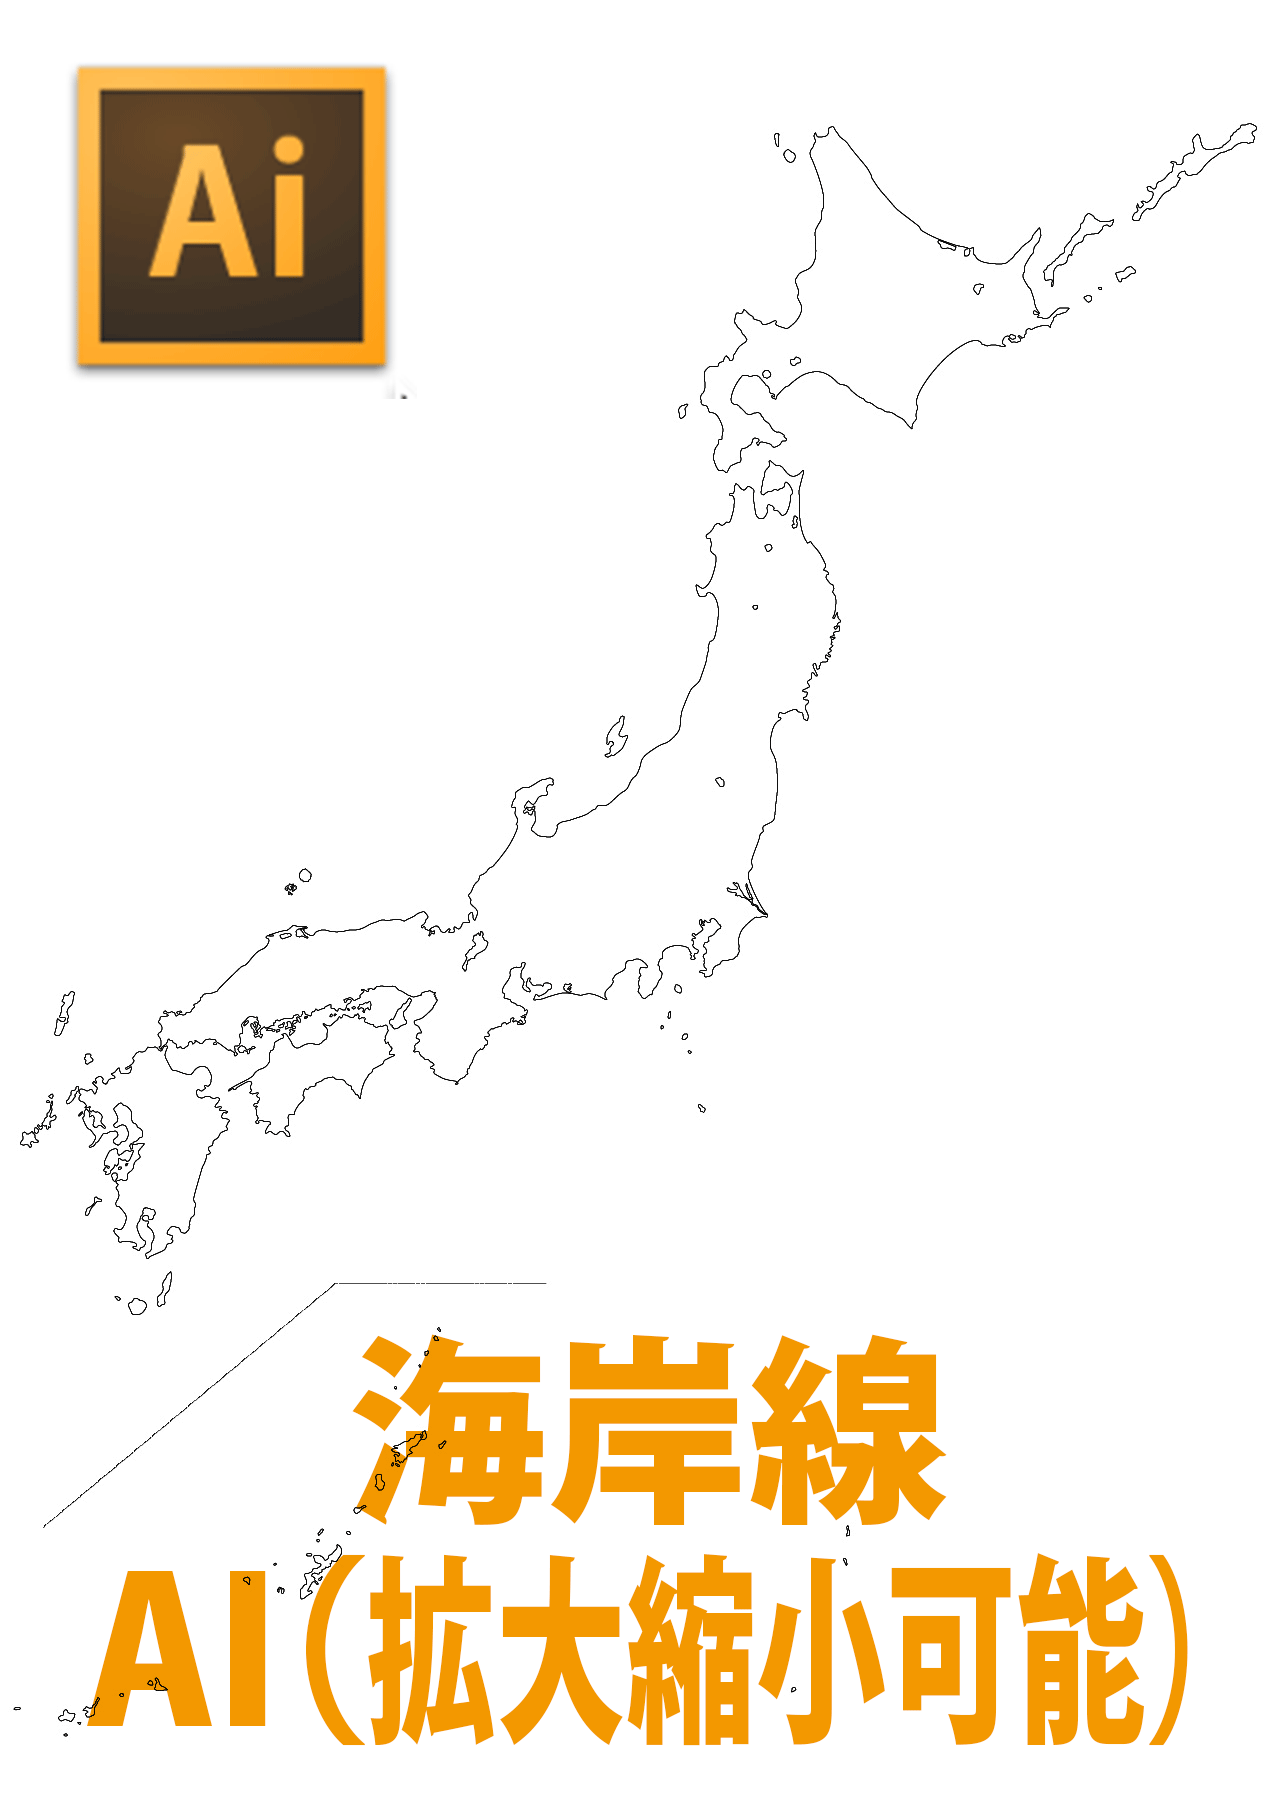 日本地図《海岸線のみ》(AI ベクターデータ)